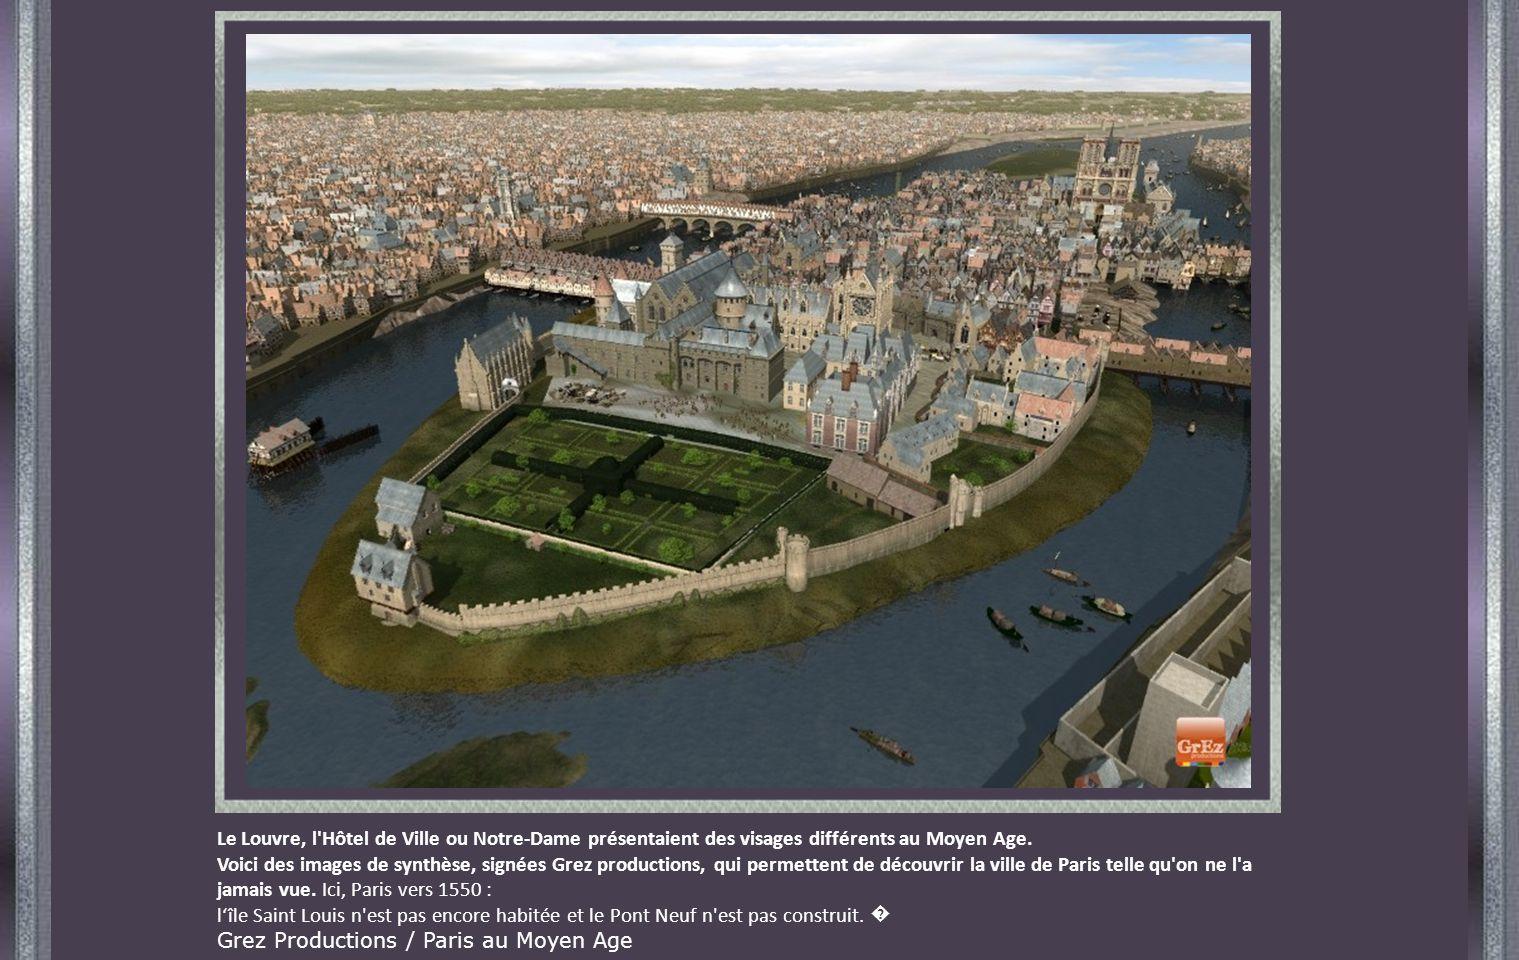 Le Louvre, l Hôtel de Ville ou Notre-Dame présentaient des visages différents au Moyen Age.